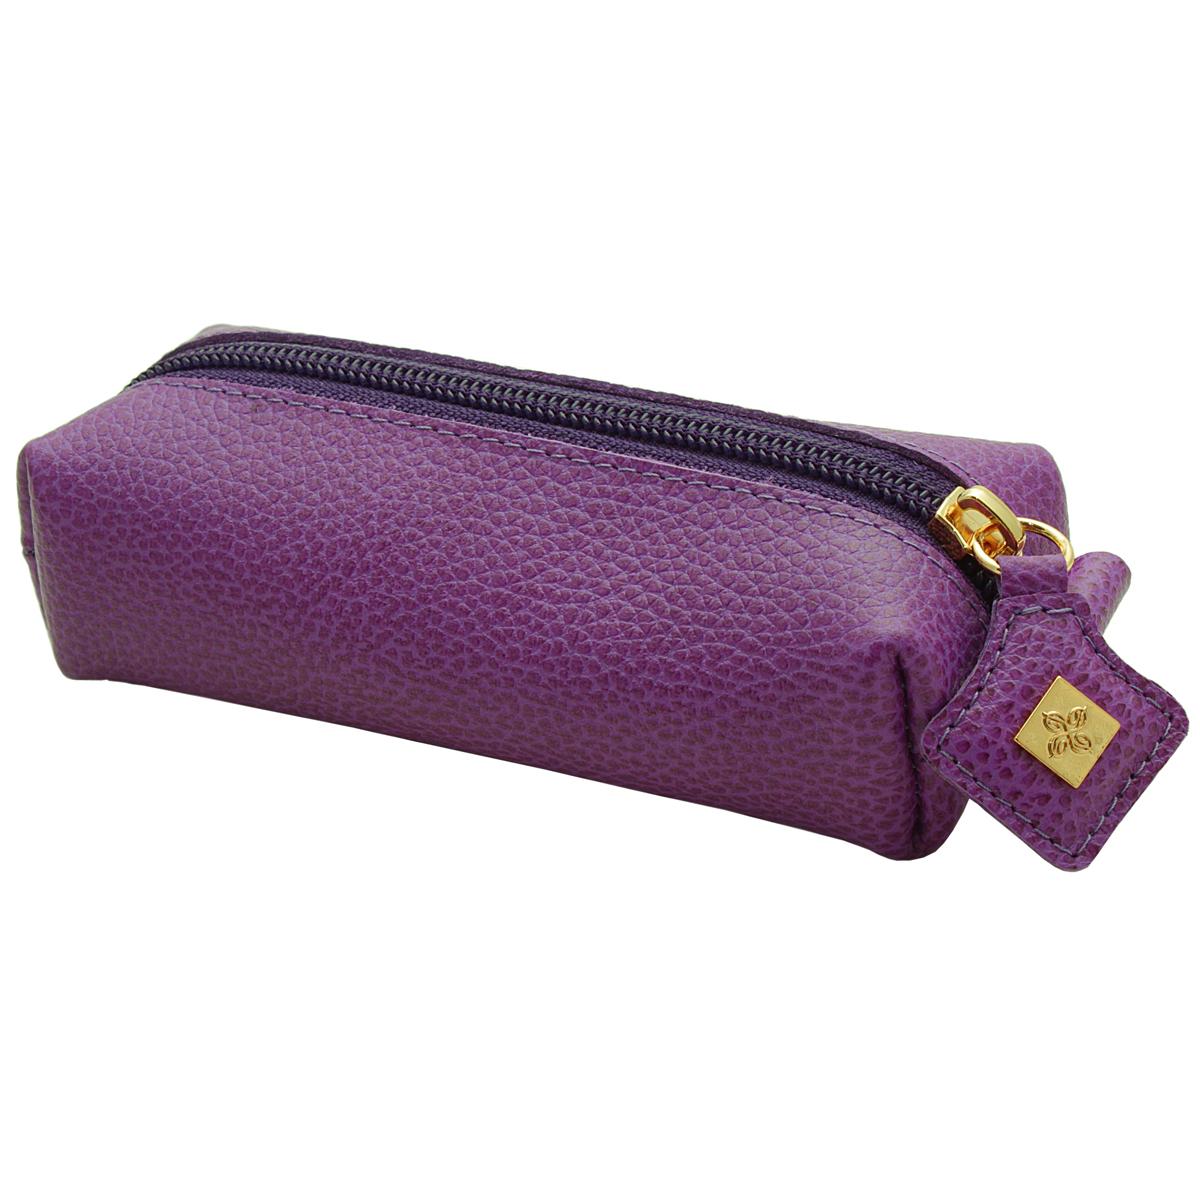 Ключница Dimanche Purpur, цвет: пурпурный. 108108Компактная ключница Purpur - стильная вещь для хранения ключей. Ключница выполнена из натуральной кожи. Состоит из одного отделения, закрывающегося на застежку-молнию. Внутри ключницы на кожаной петле крепится металлическое кольцо для ключей.